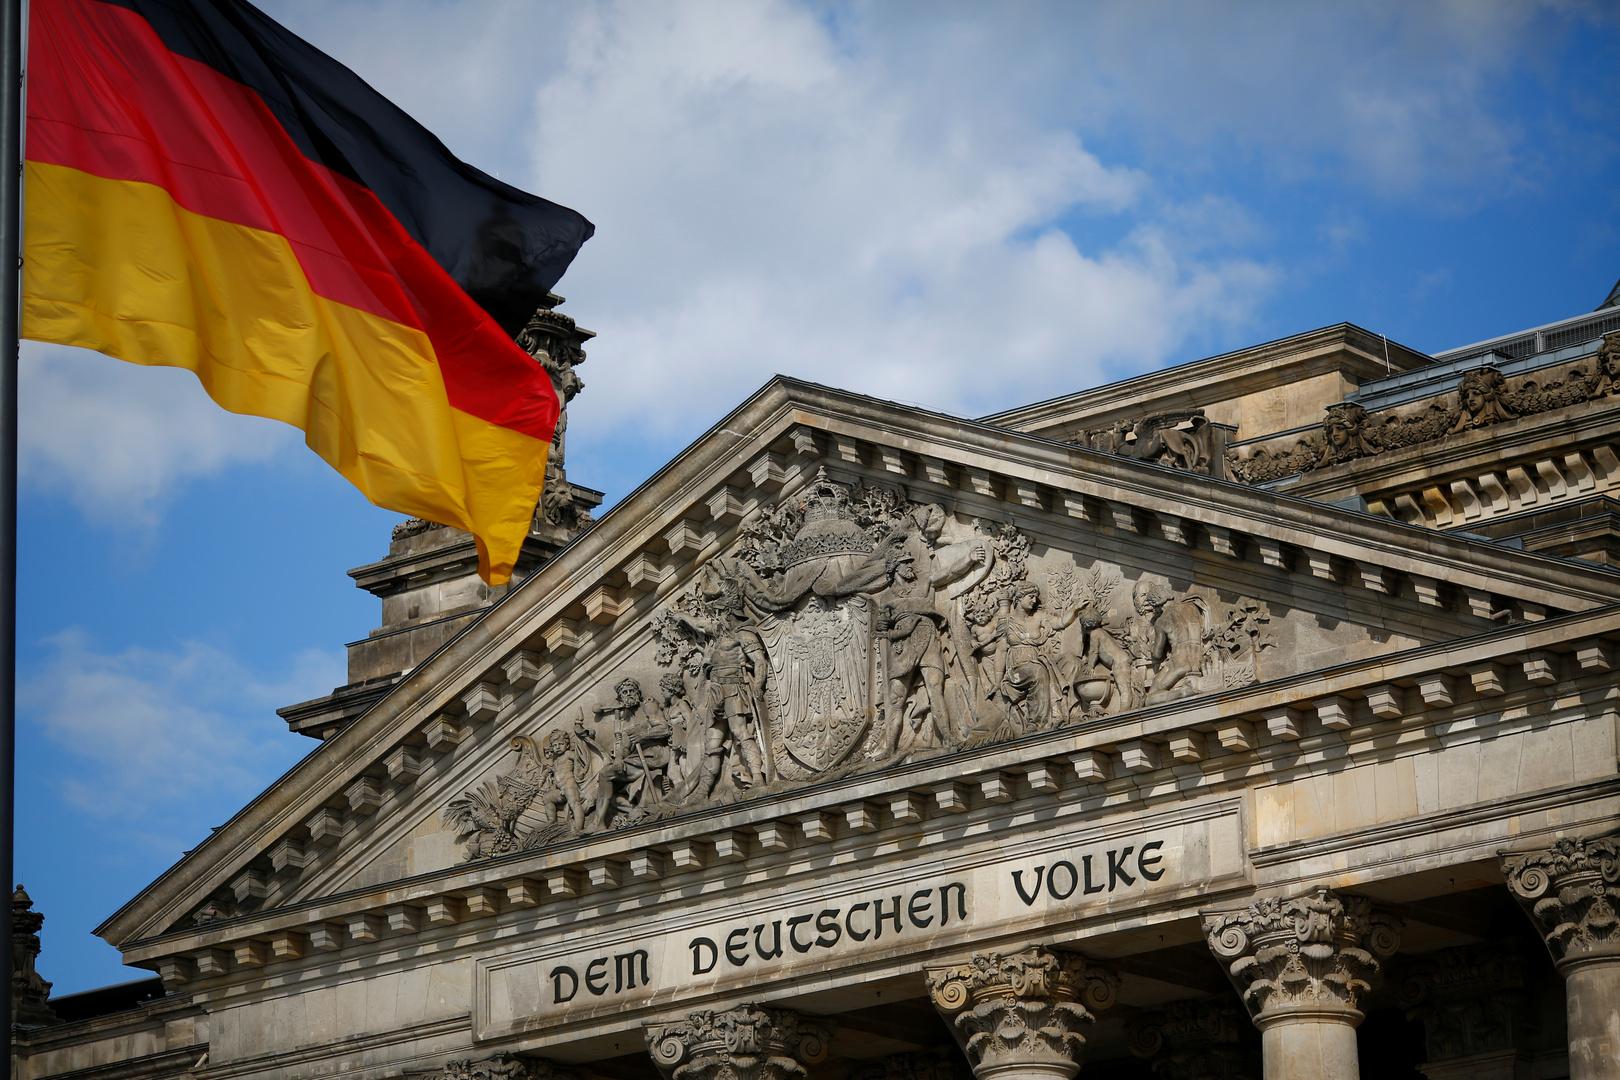 ألمانيا تدين إحدى مواطناتها في تهمة الانضمام لتنظيم